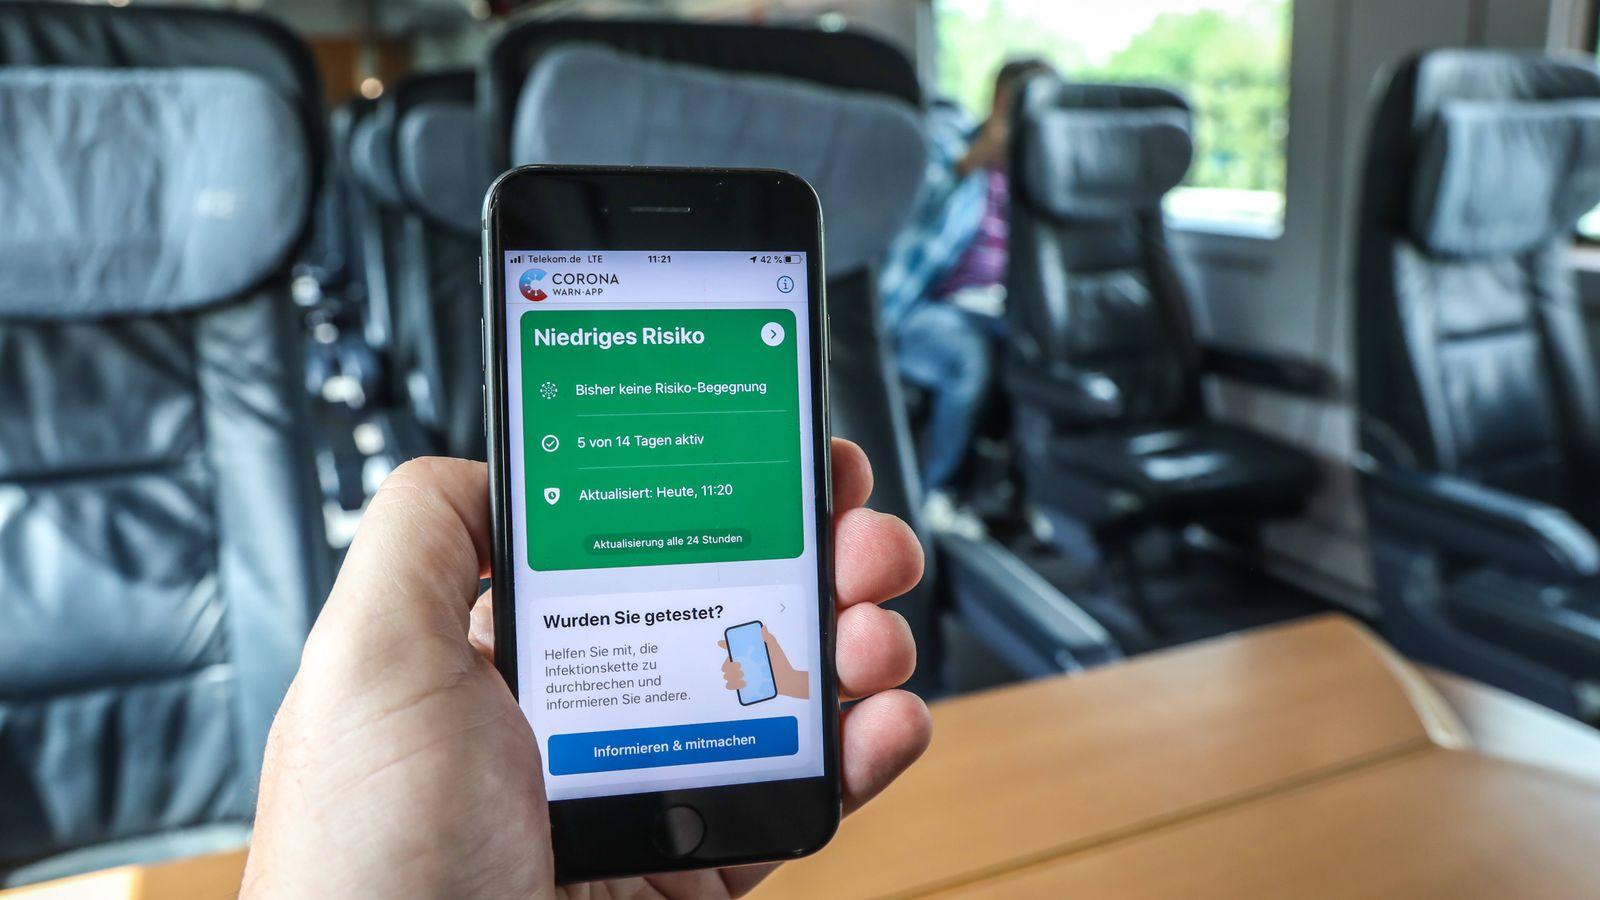 Unterwegs mit einem Intercity-Express-Zug (ICE) der Deutschen Bahn - dabei Nutzung der Corona-Warn-App auf einem Smartp